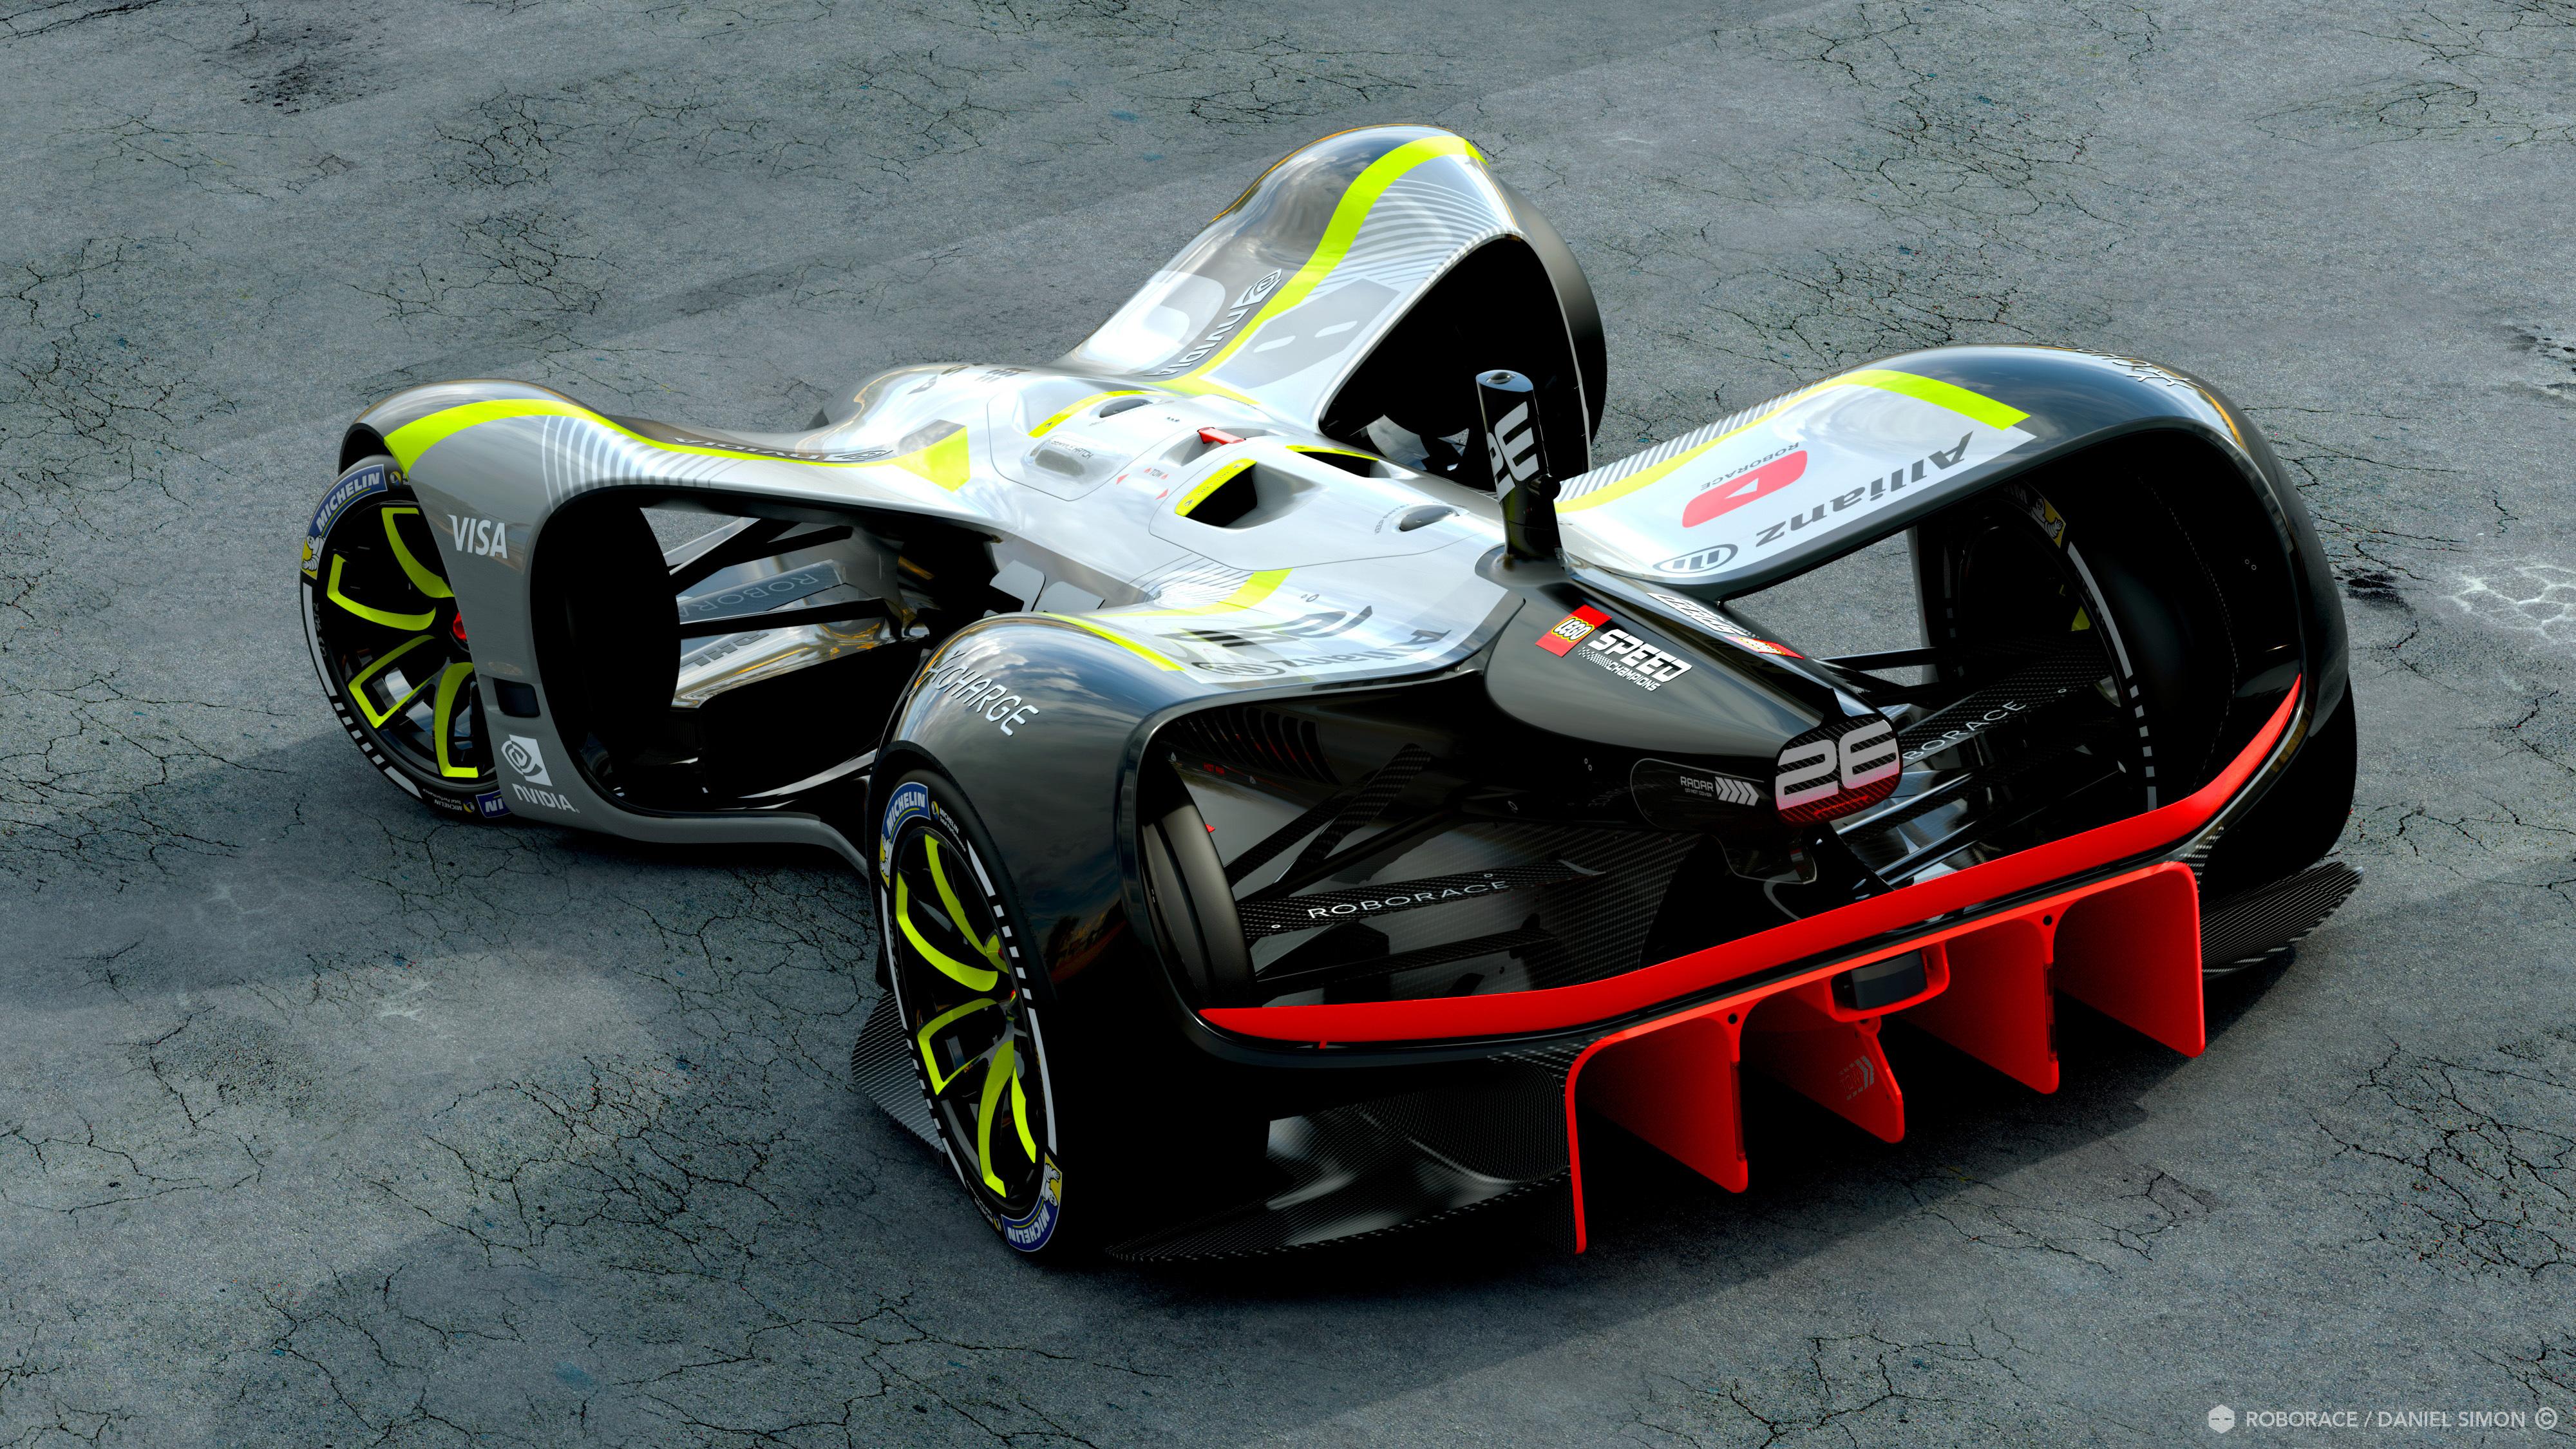 Een blik op de achterkant toont duidelijk dat de aerodynamica zeer goed is uitgewerkt. Makkelijker ook als geen coureursplaats nodig is. Middenop luchtuitlaten van de koeling voor de processor, die daarvoor ligt.